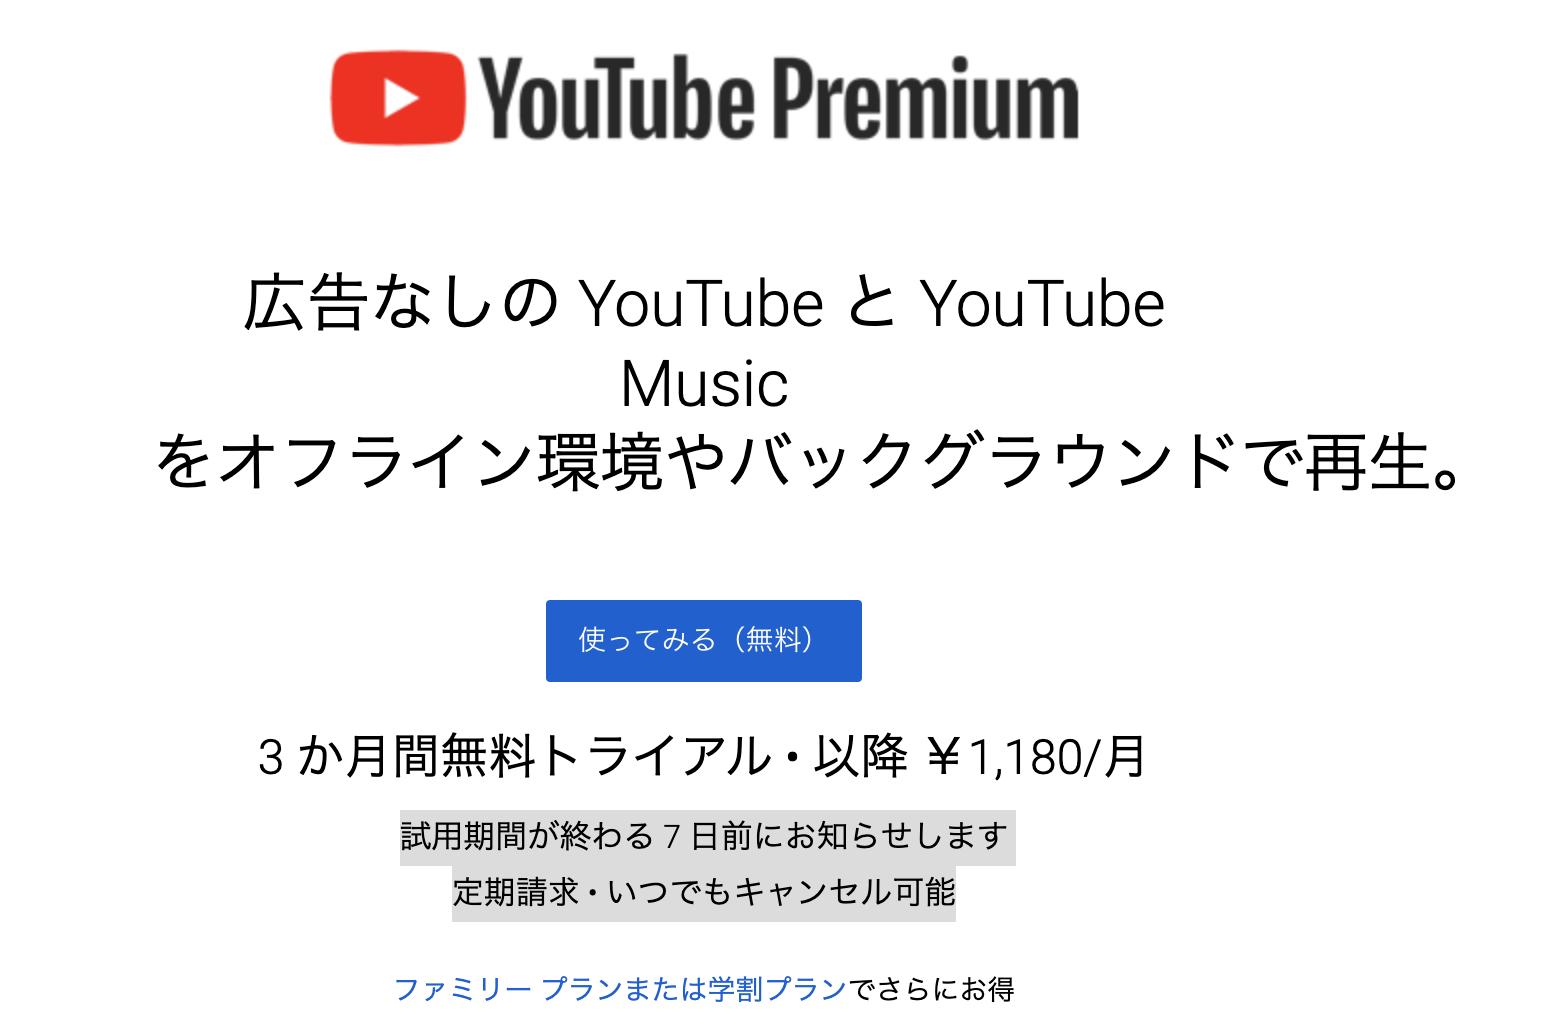 YouTube Premium詳細画面